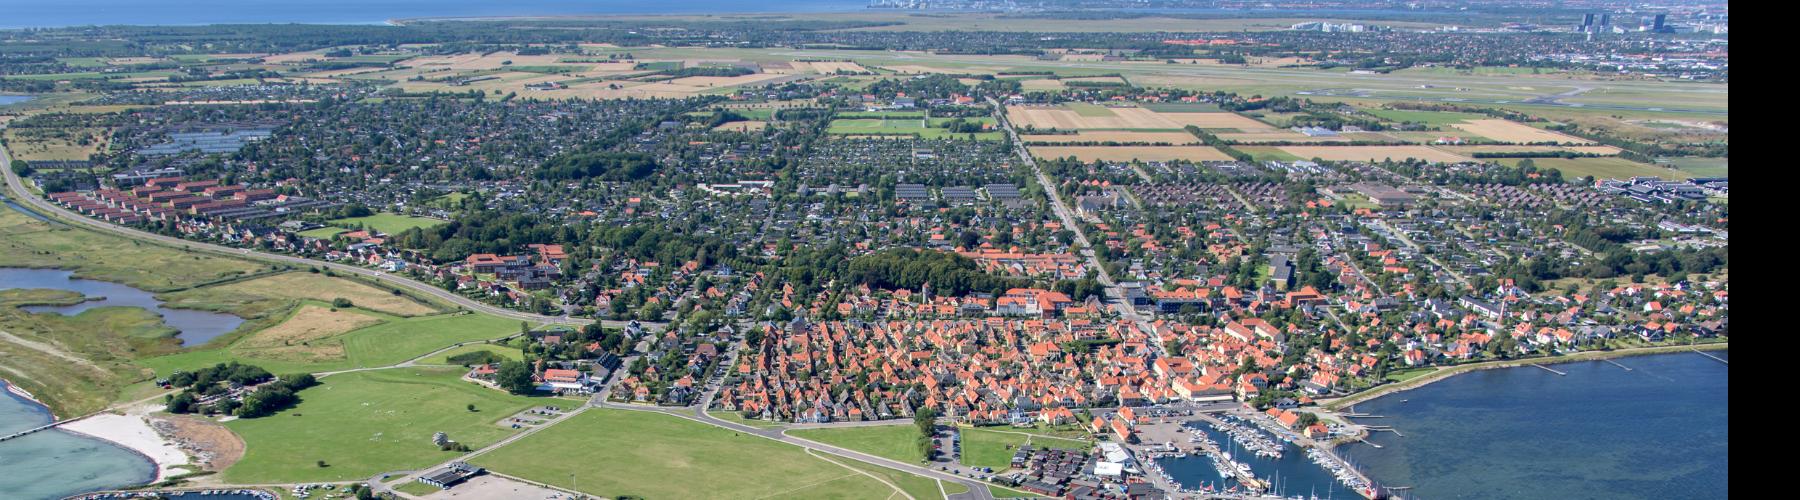 Dragør Kommune cover image